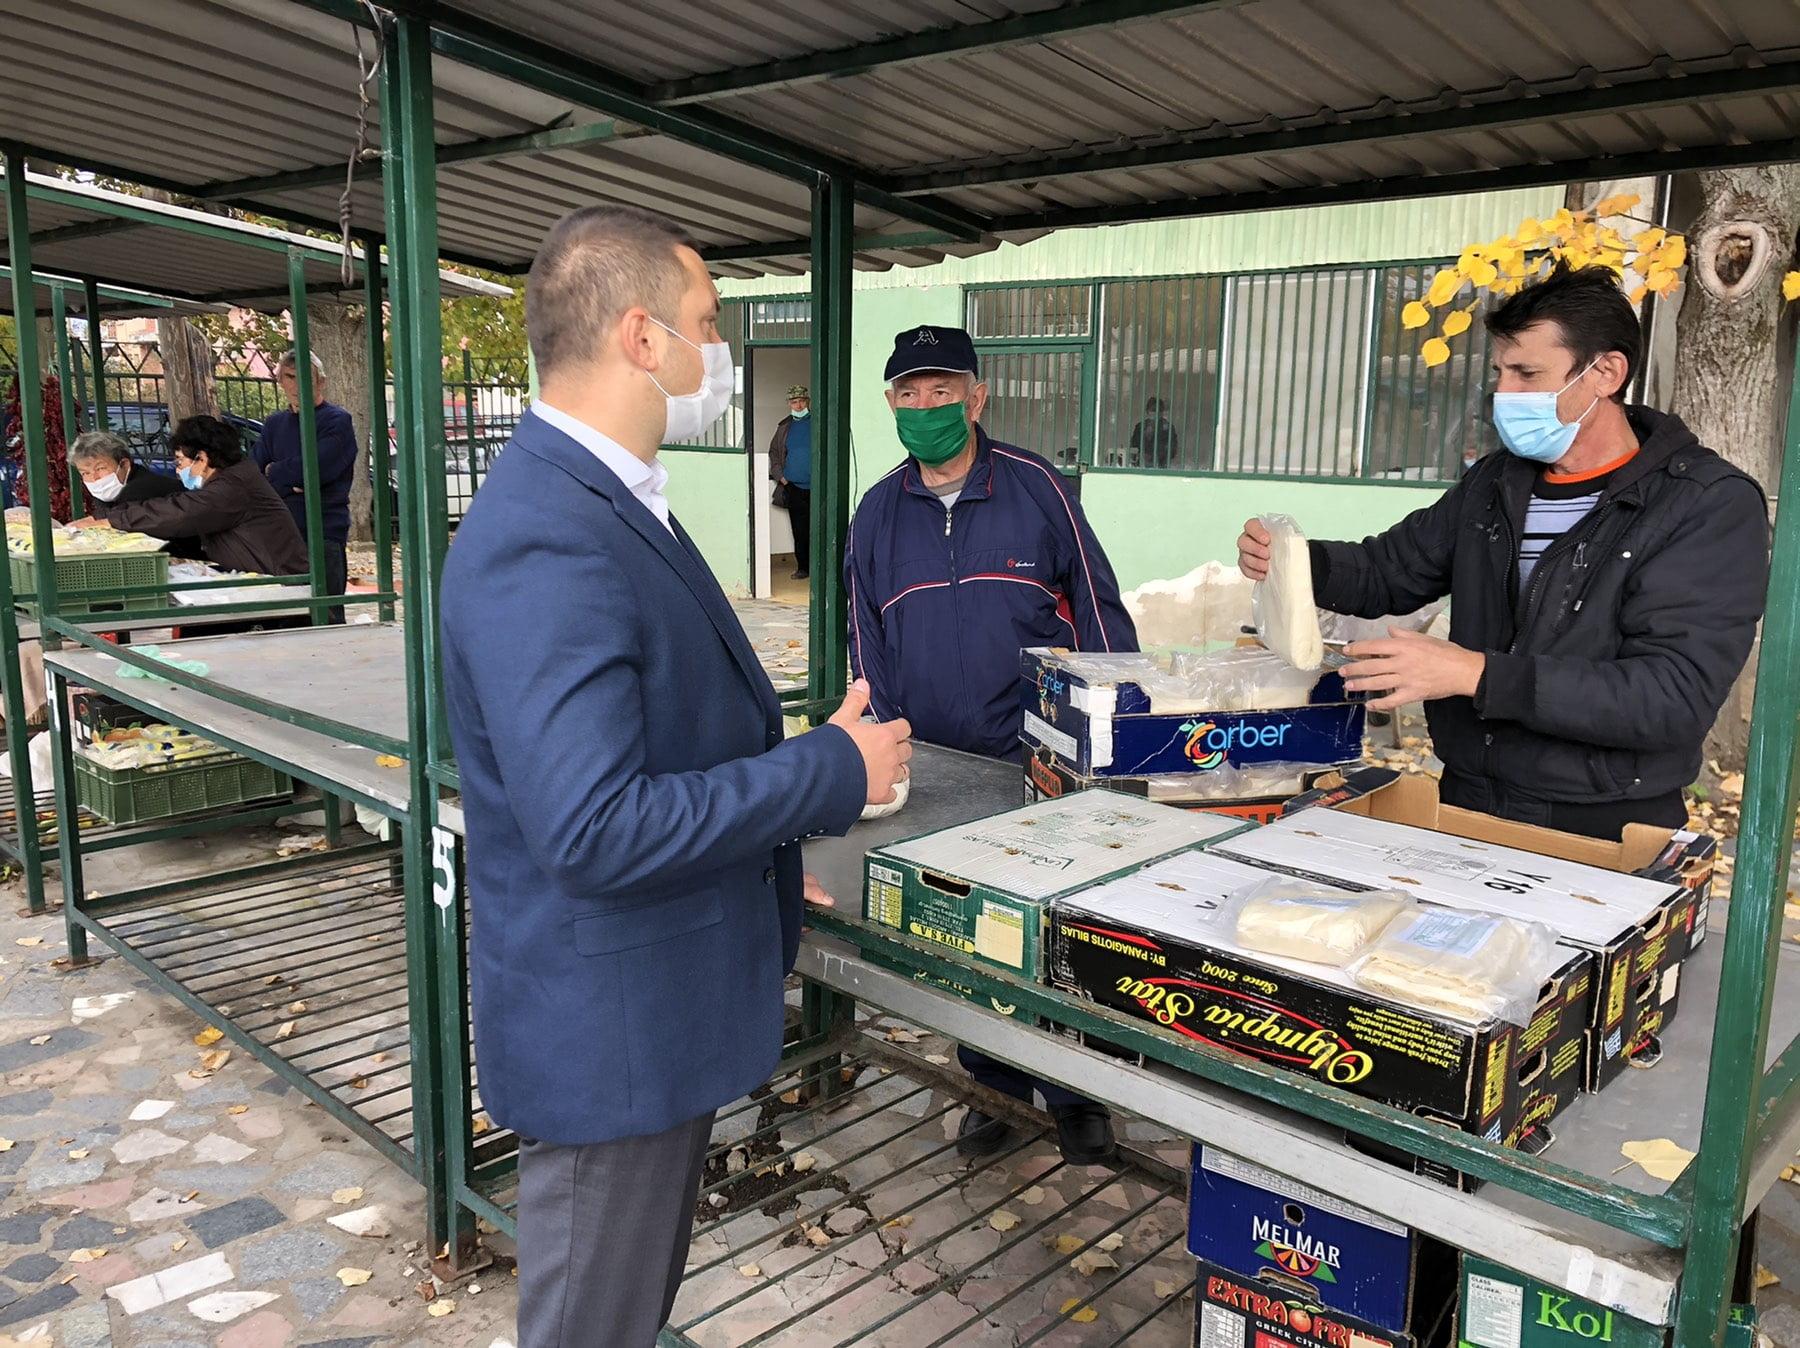 Predsednik opštine u poseti zelenoj pijaci, foto: Opštinski sajt, Opština Svrljig